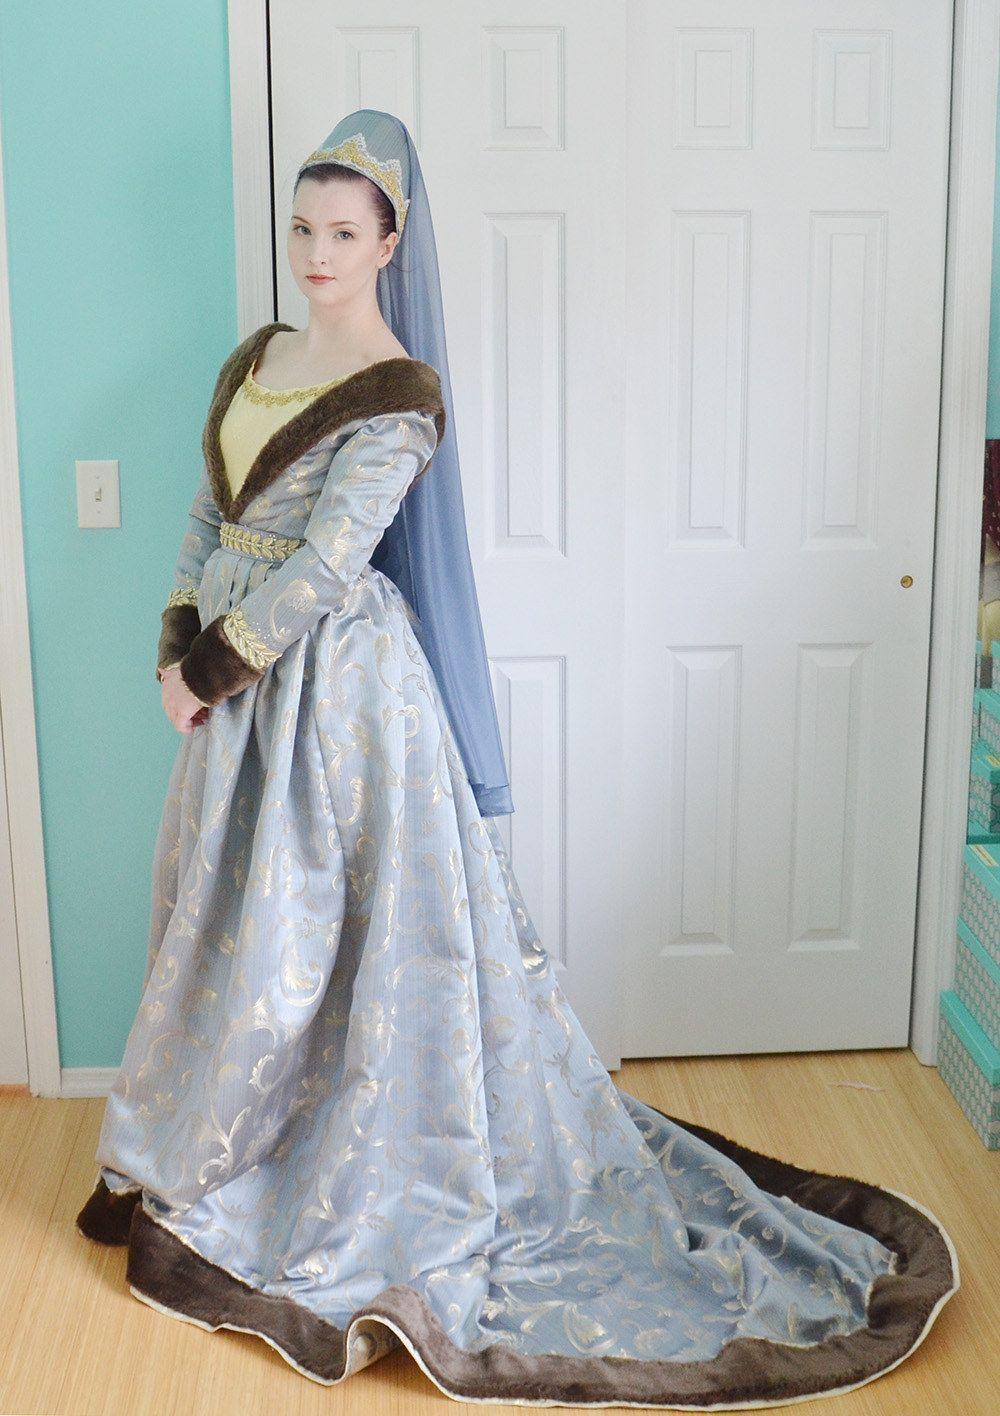 2c654fc96 Historically Inspired - Angela Clayton s Costumery